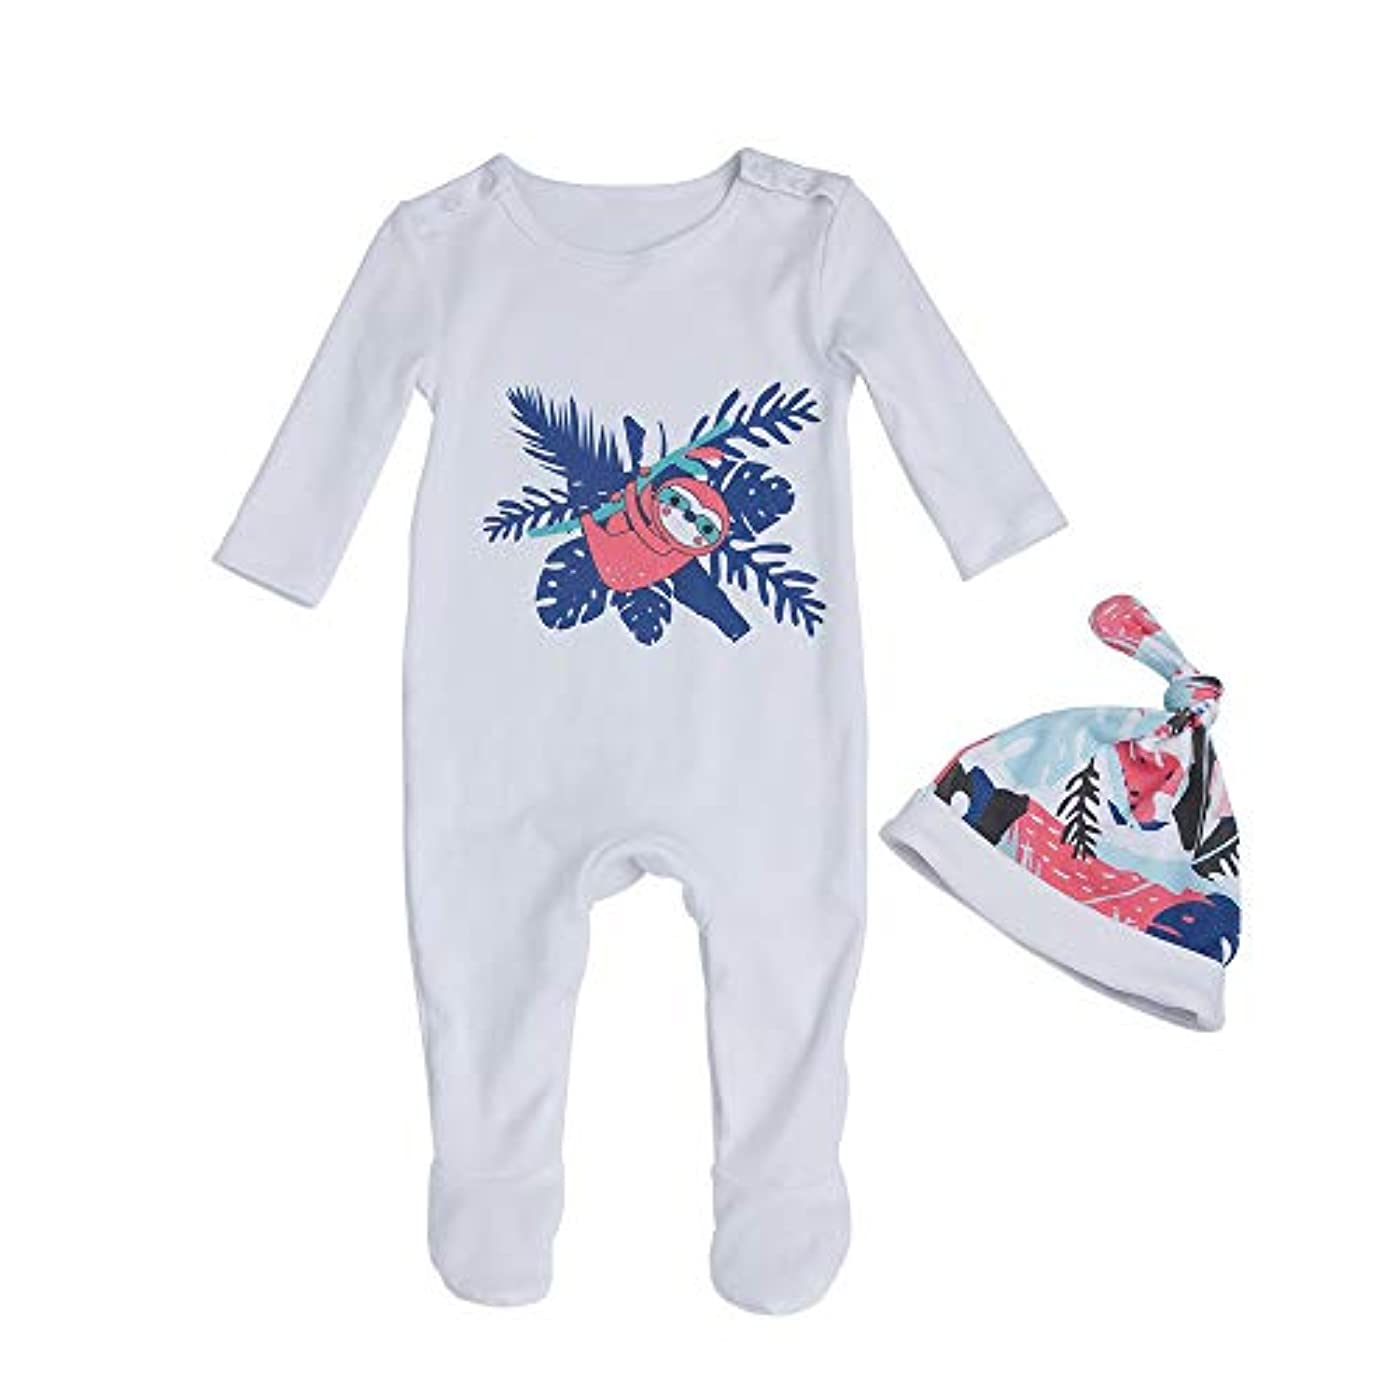 手伝うはちみつ浜辺Liyukee - 赤ちゃん暖かいロンパー、帽子、ジャンプスーツの服下着セット秋の服ホームコスチューム0-24ヶ月に適して新生児の幼児少女 (3-6m)